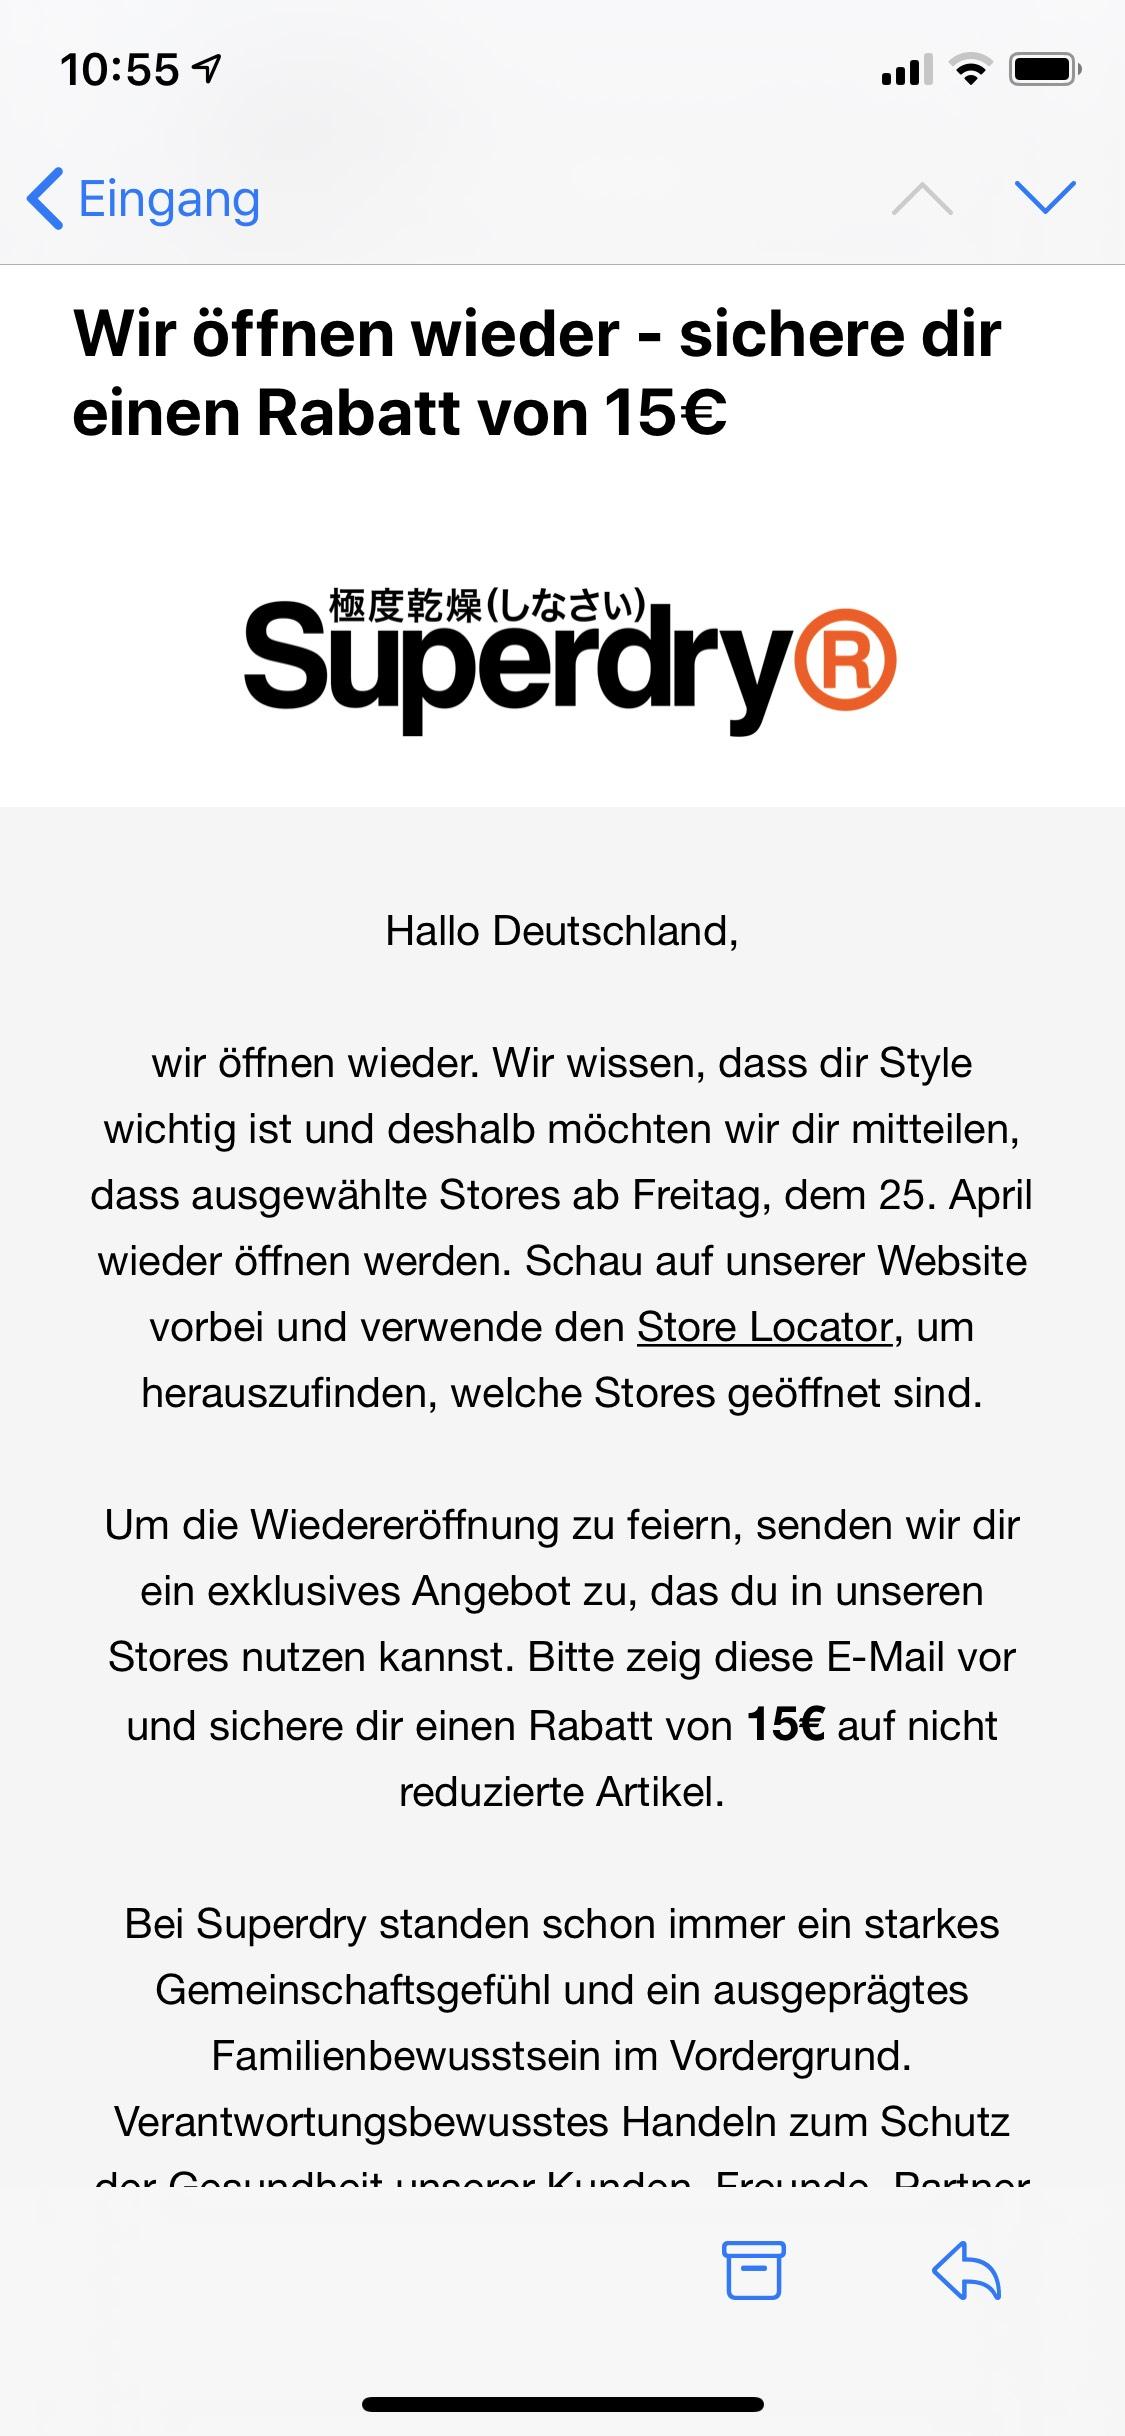 15€ Rabatt bei Superdry auf nicht reduzierte Artikel